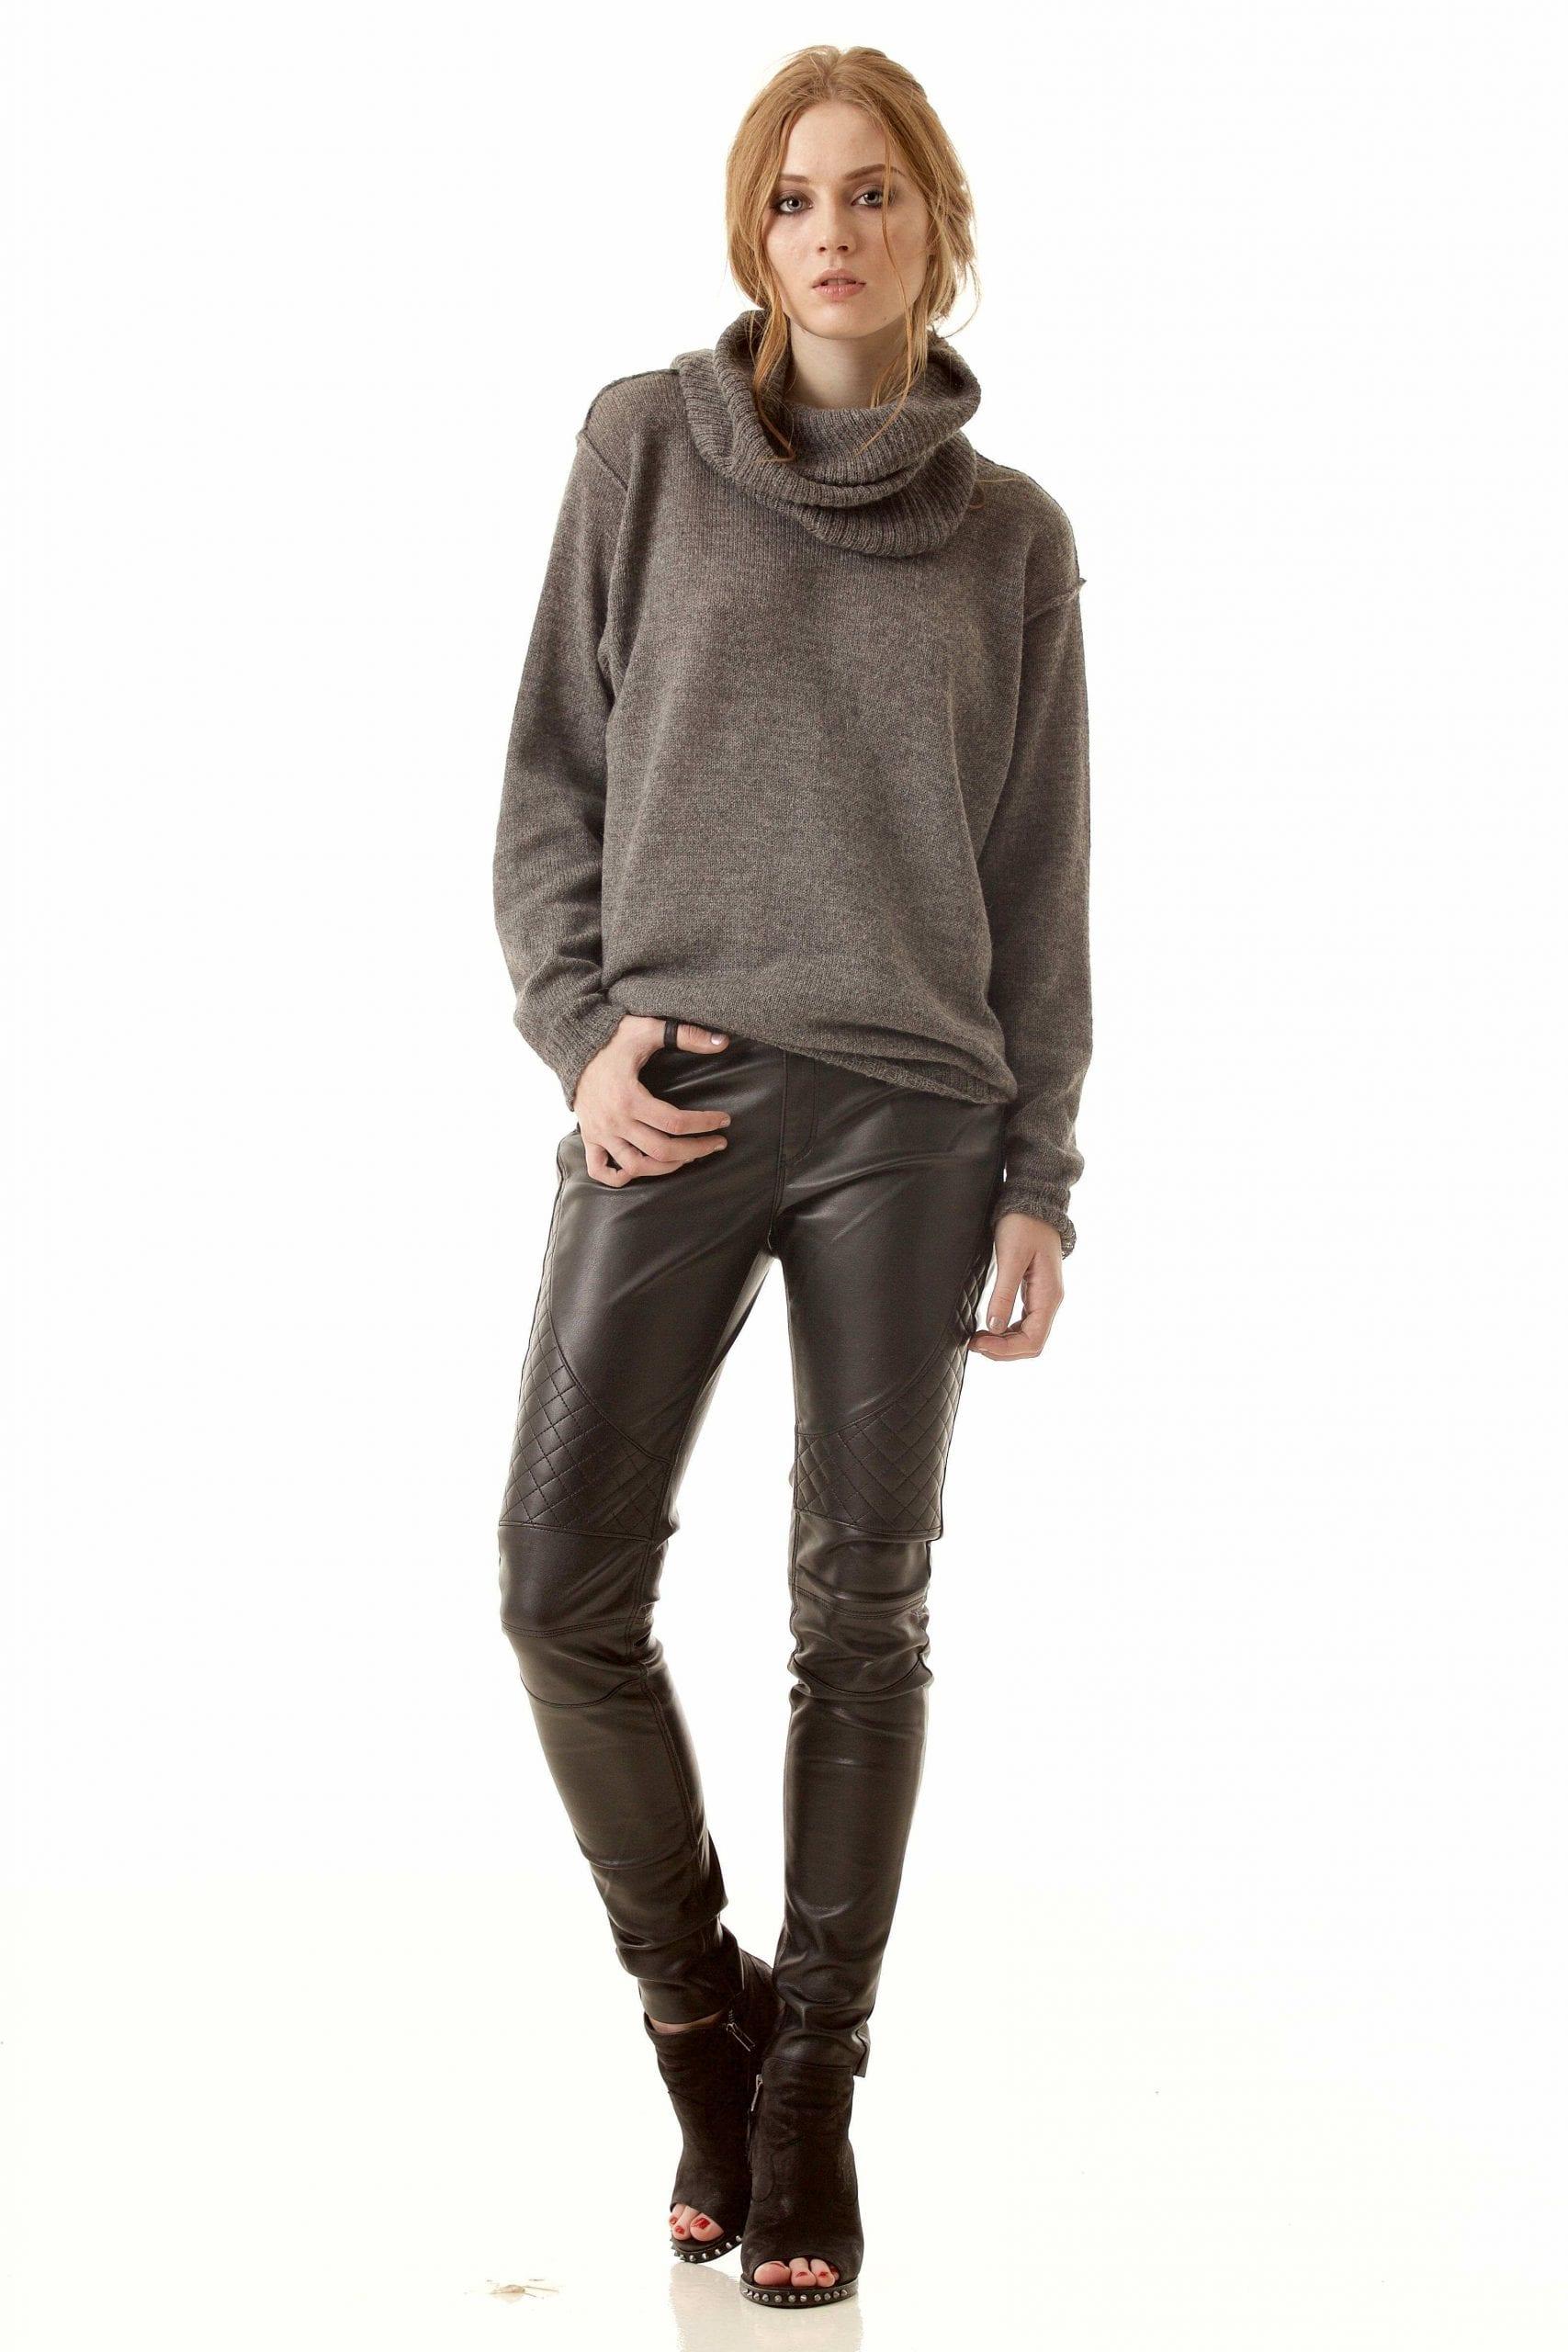 Übergröße Alpaka Pullover mit Kutte Kragen ISABELLE